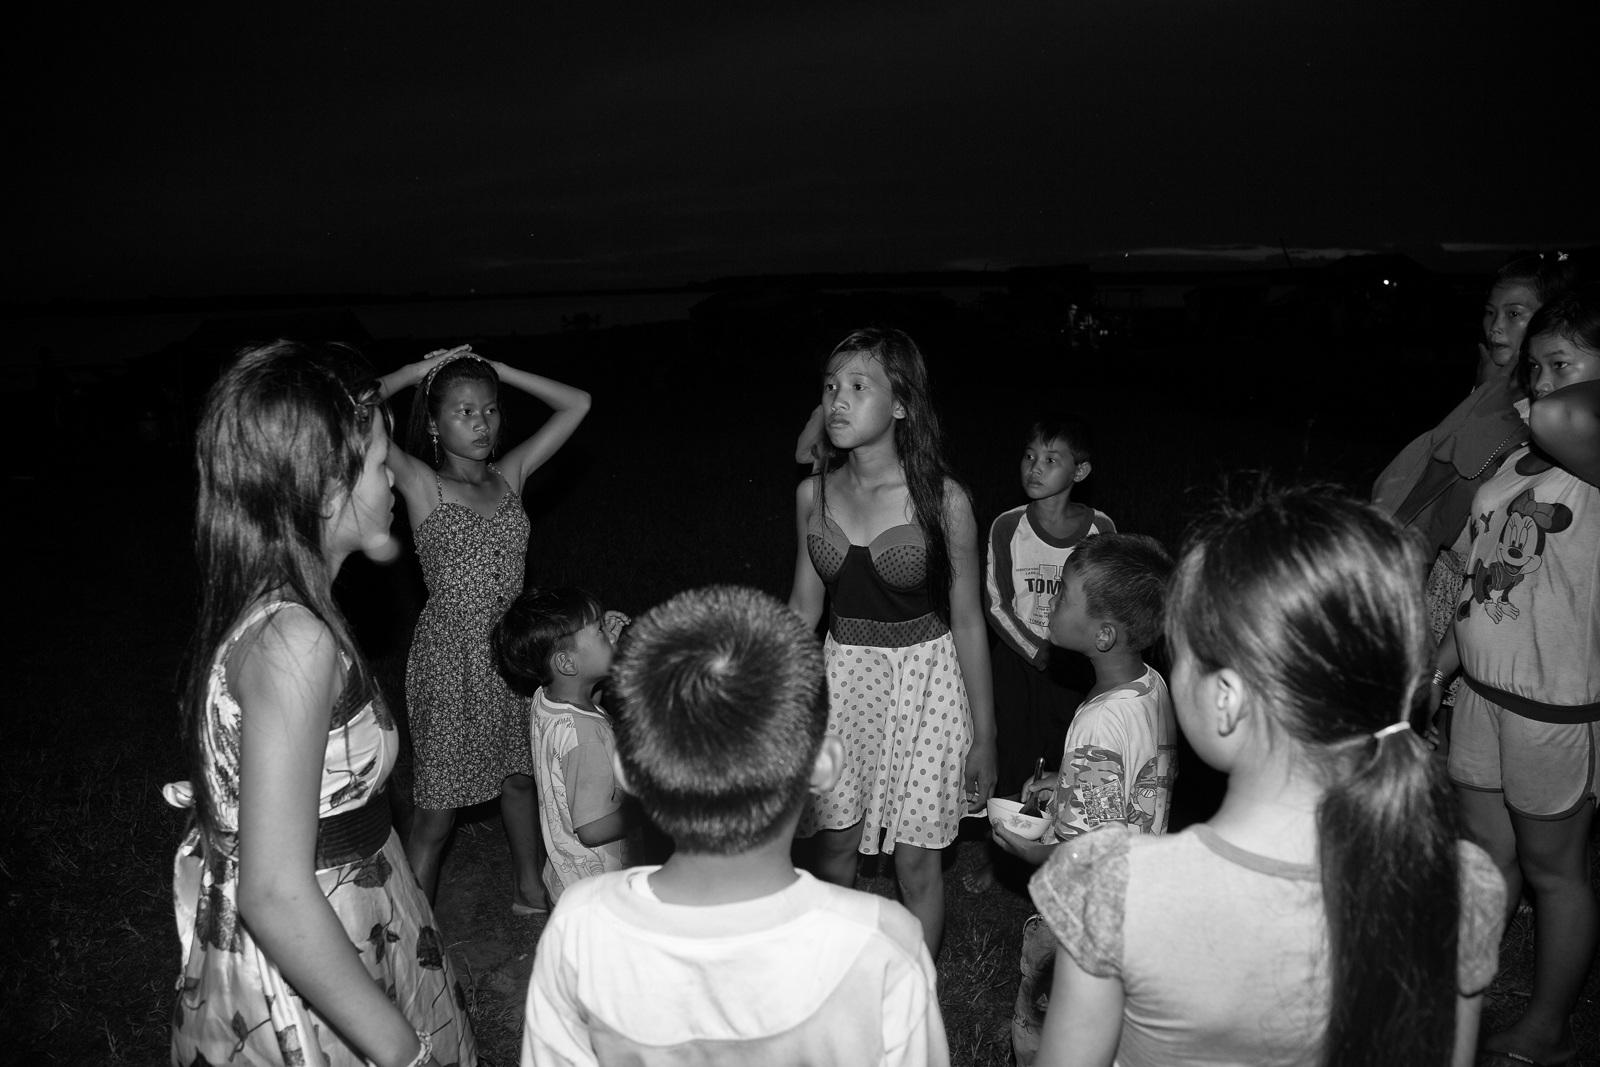 Bọn trẻ chơi đùa rồi chửi nhau giữa đêm trên bãi đất sát hồ Dầu Tiếng